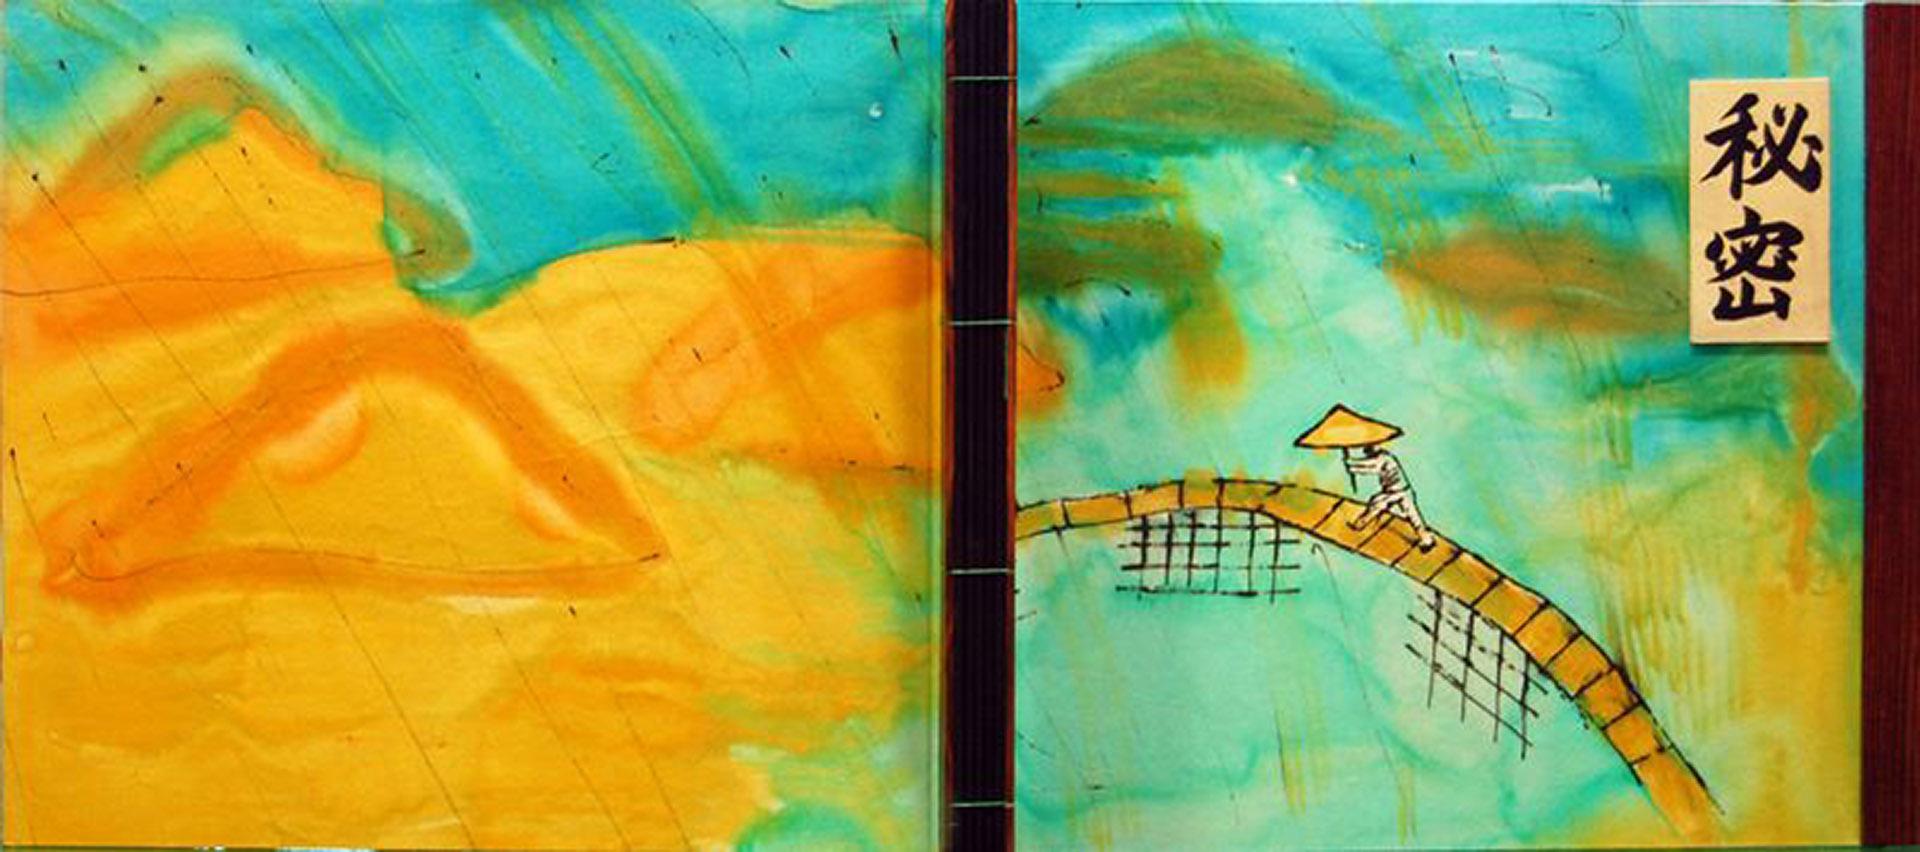 Portada y contraportada de libro en seda natural crepe saten pintado a mano por Ruth de la Puerta montado por Javier  Abellán